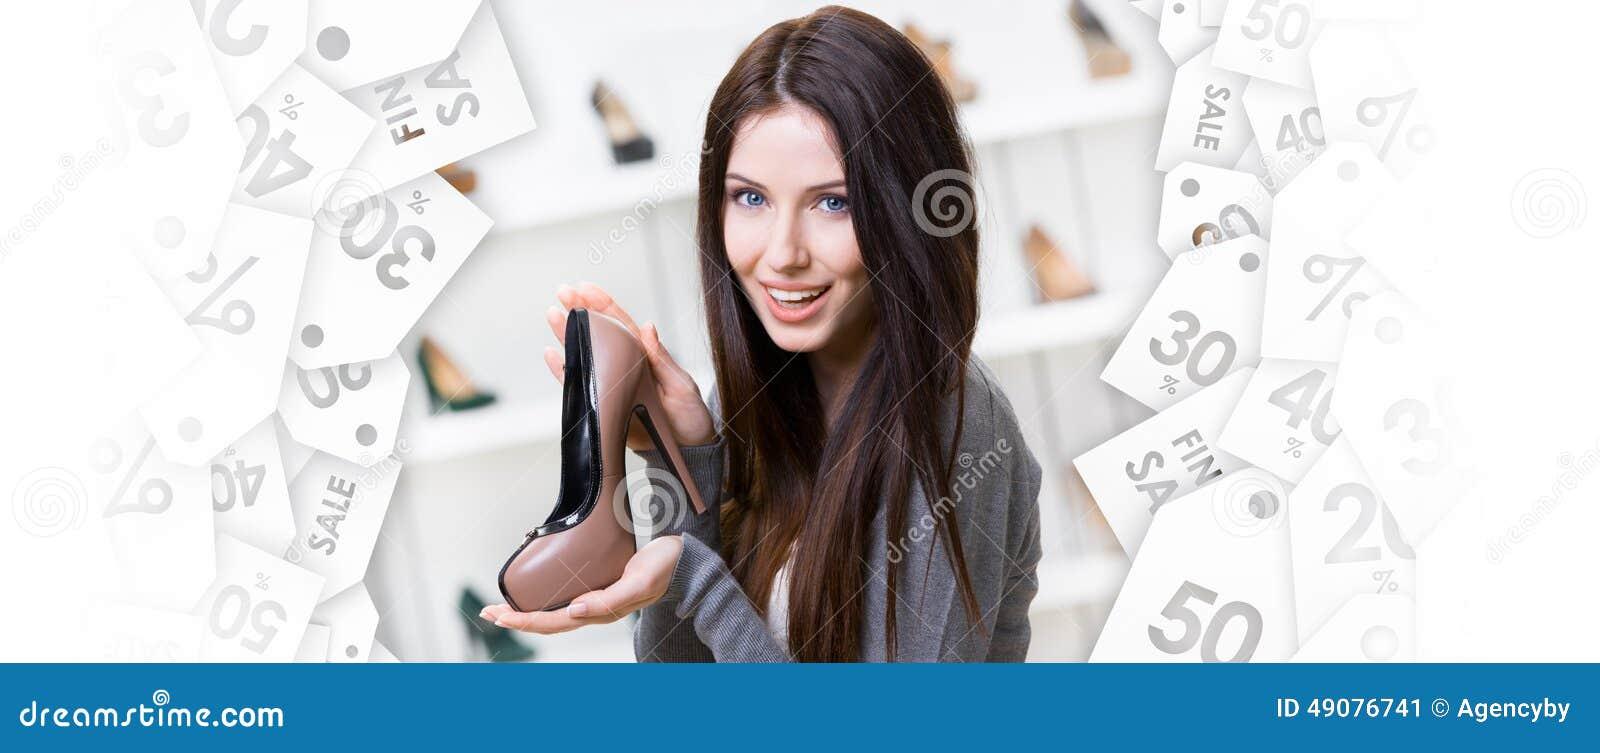 Mujer que guarda el zapato café-coloreado Venta negra de viernes